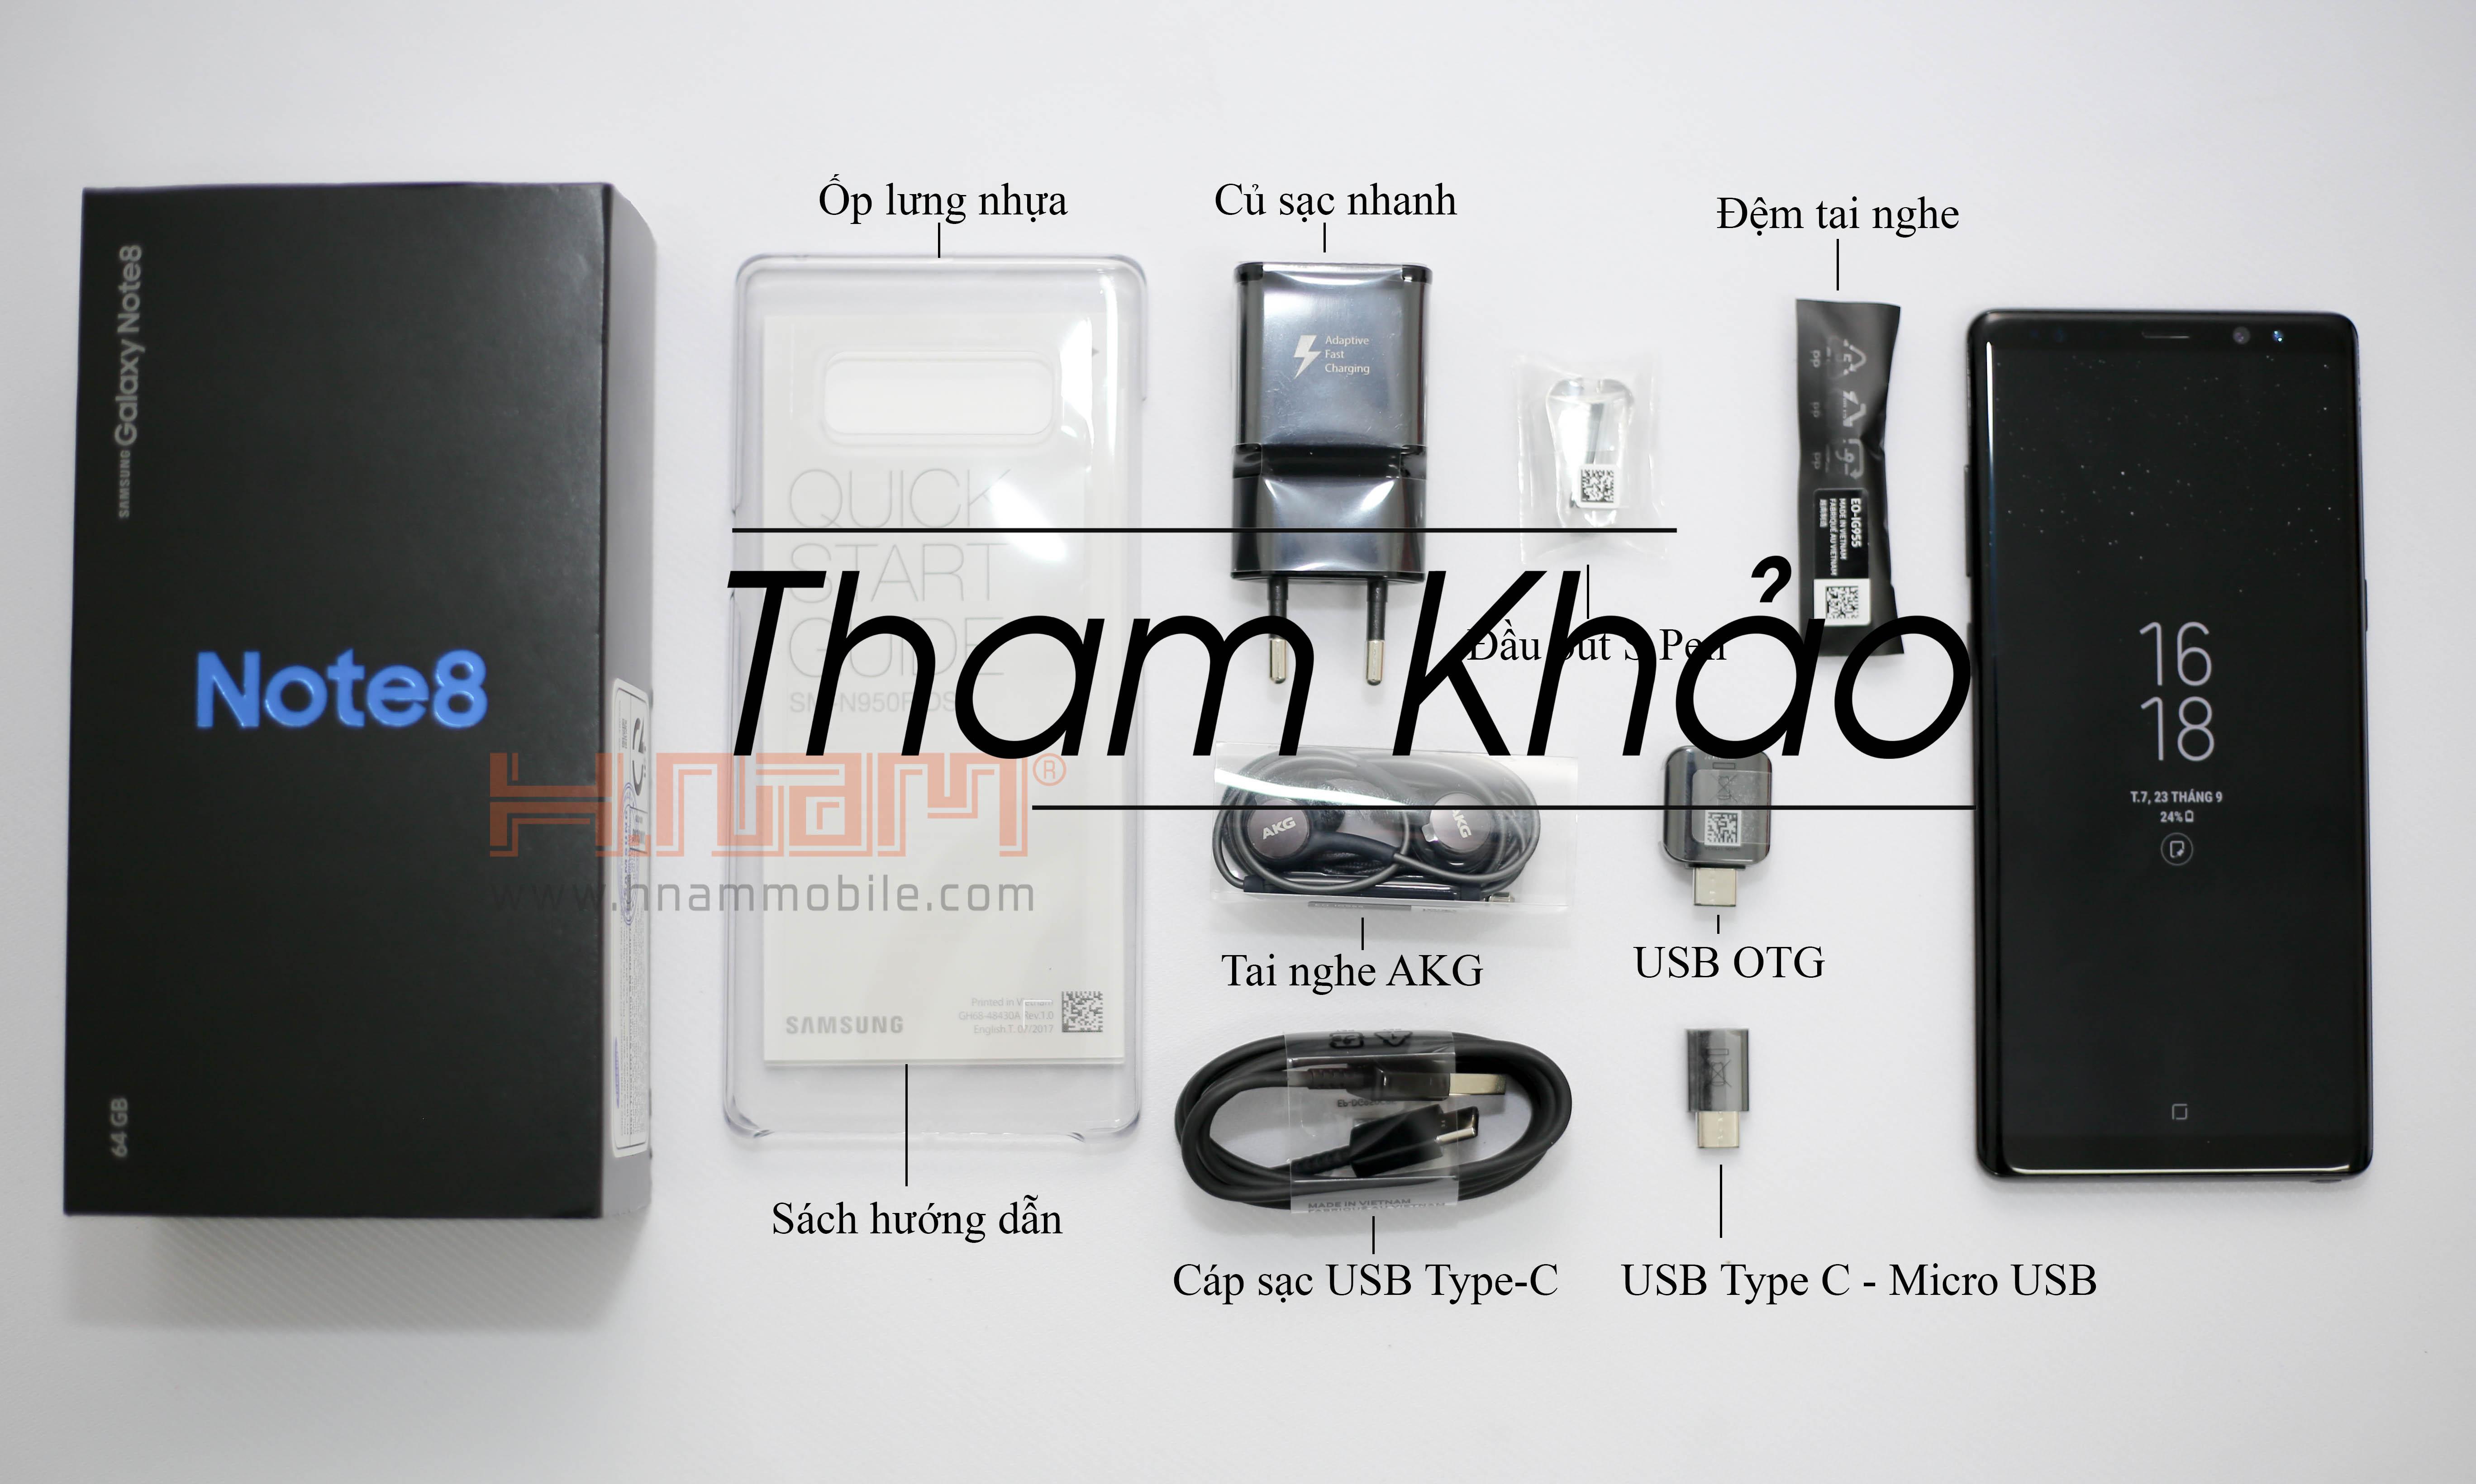 Samsung Galaxy Note 8 64Gb N950 Mỹ ( New 100% ) hình sản phẩm 0